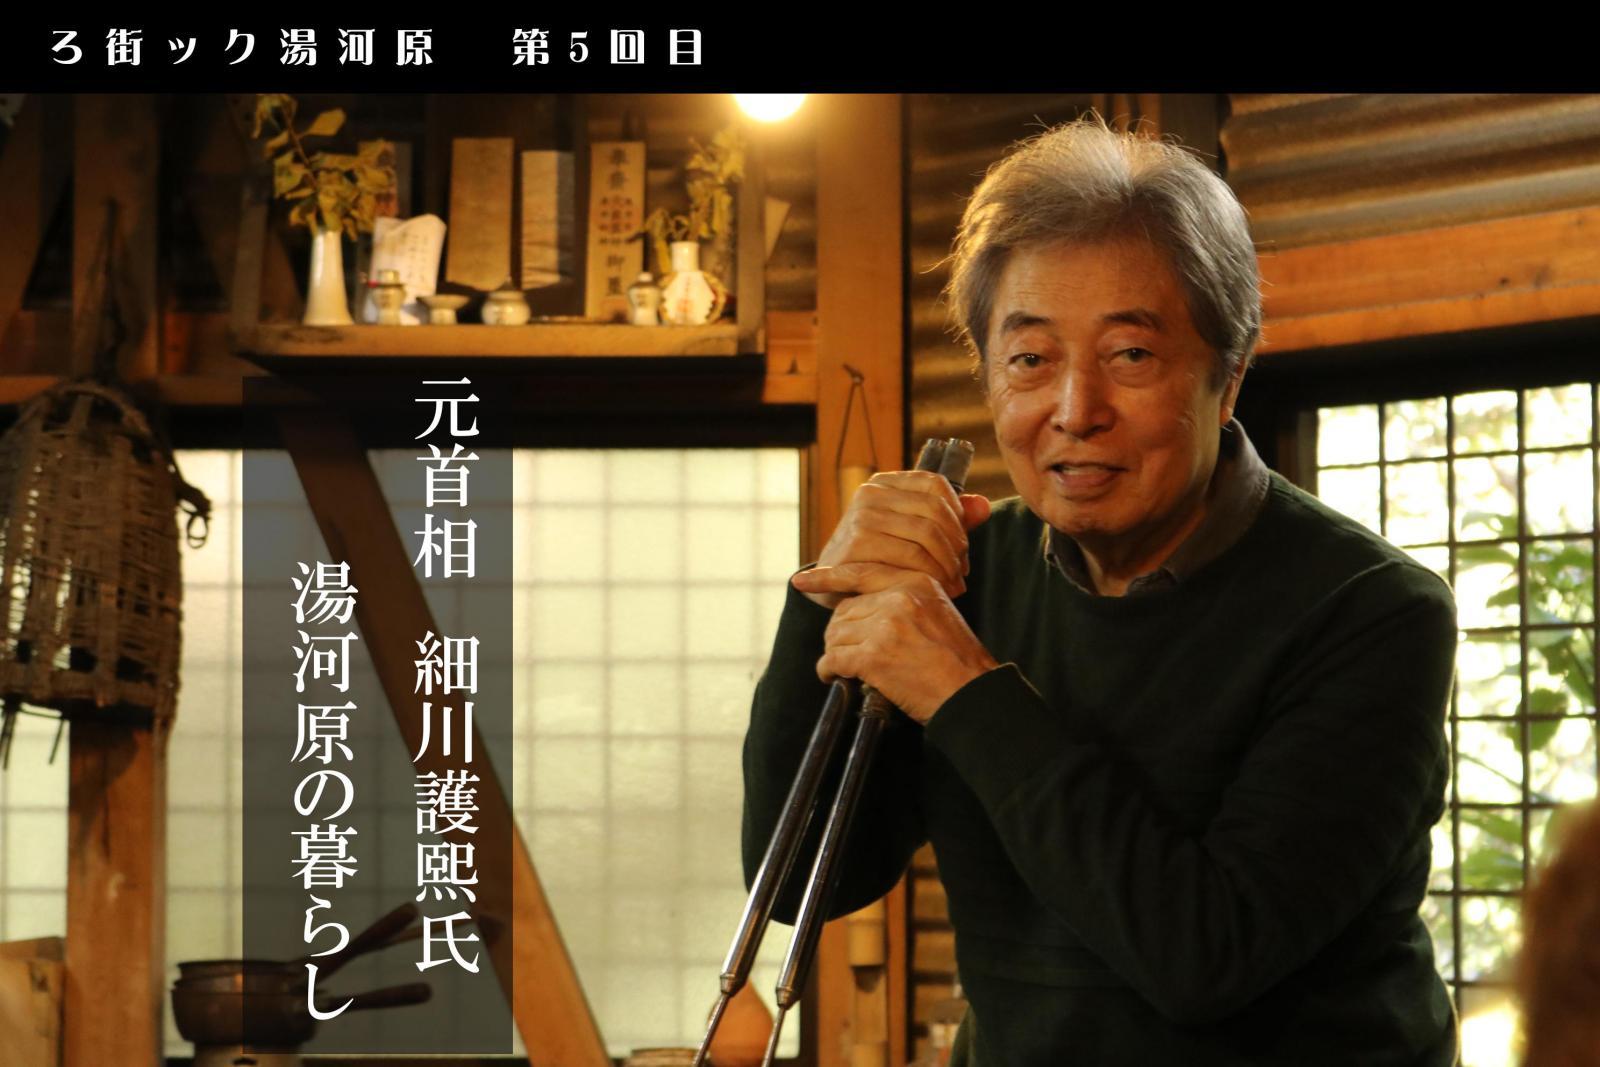 先祖 細川 護煕